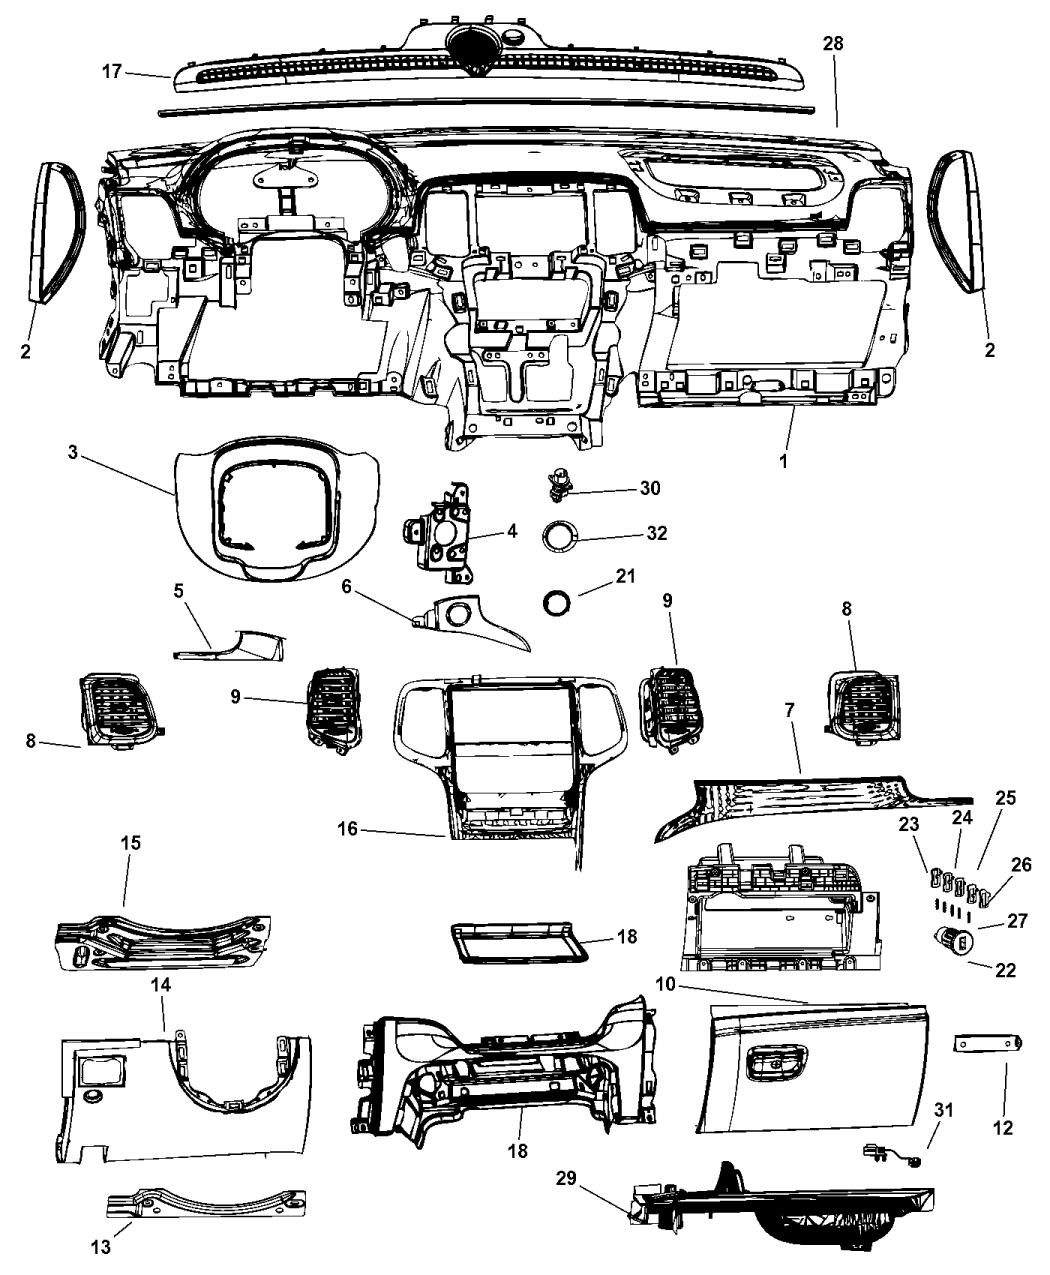 2014 dodge durango parts diagram  u2022 wiring diagram for free